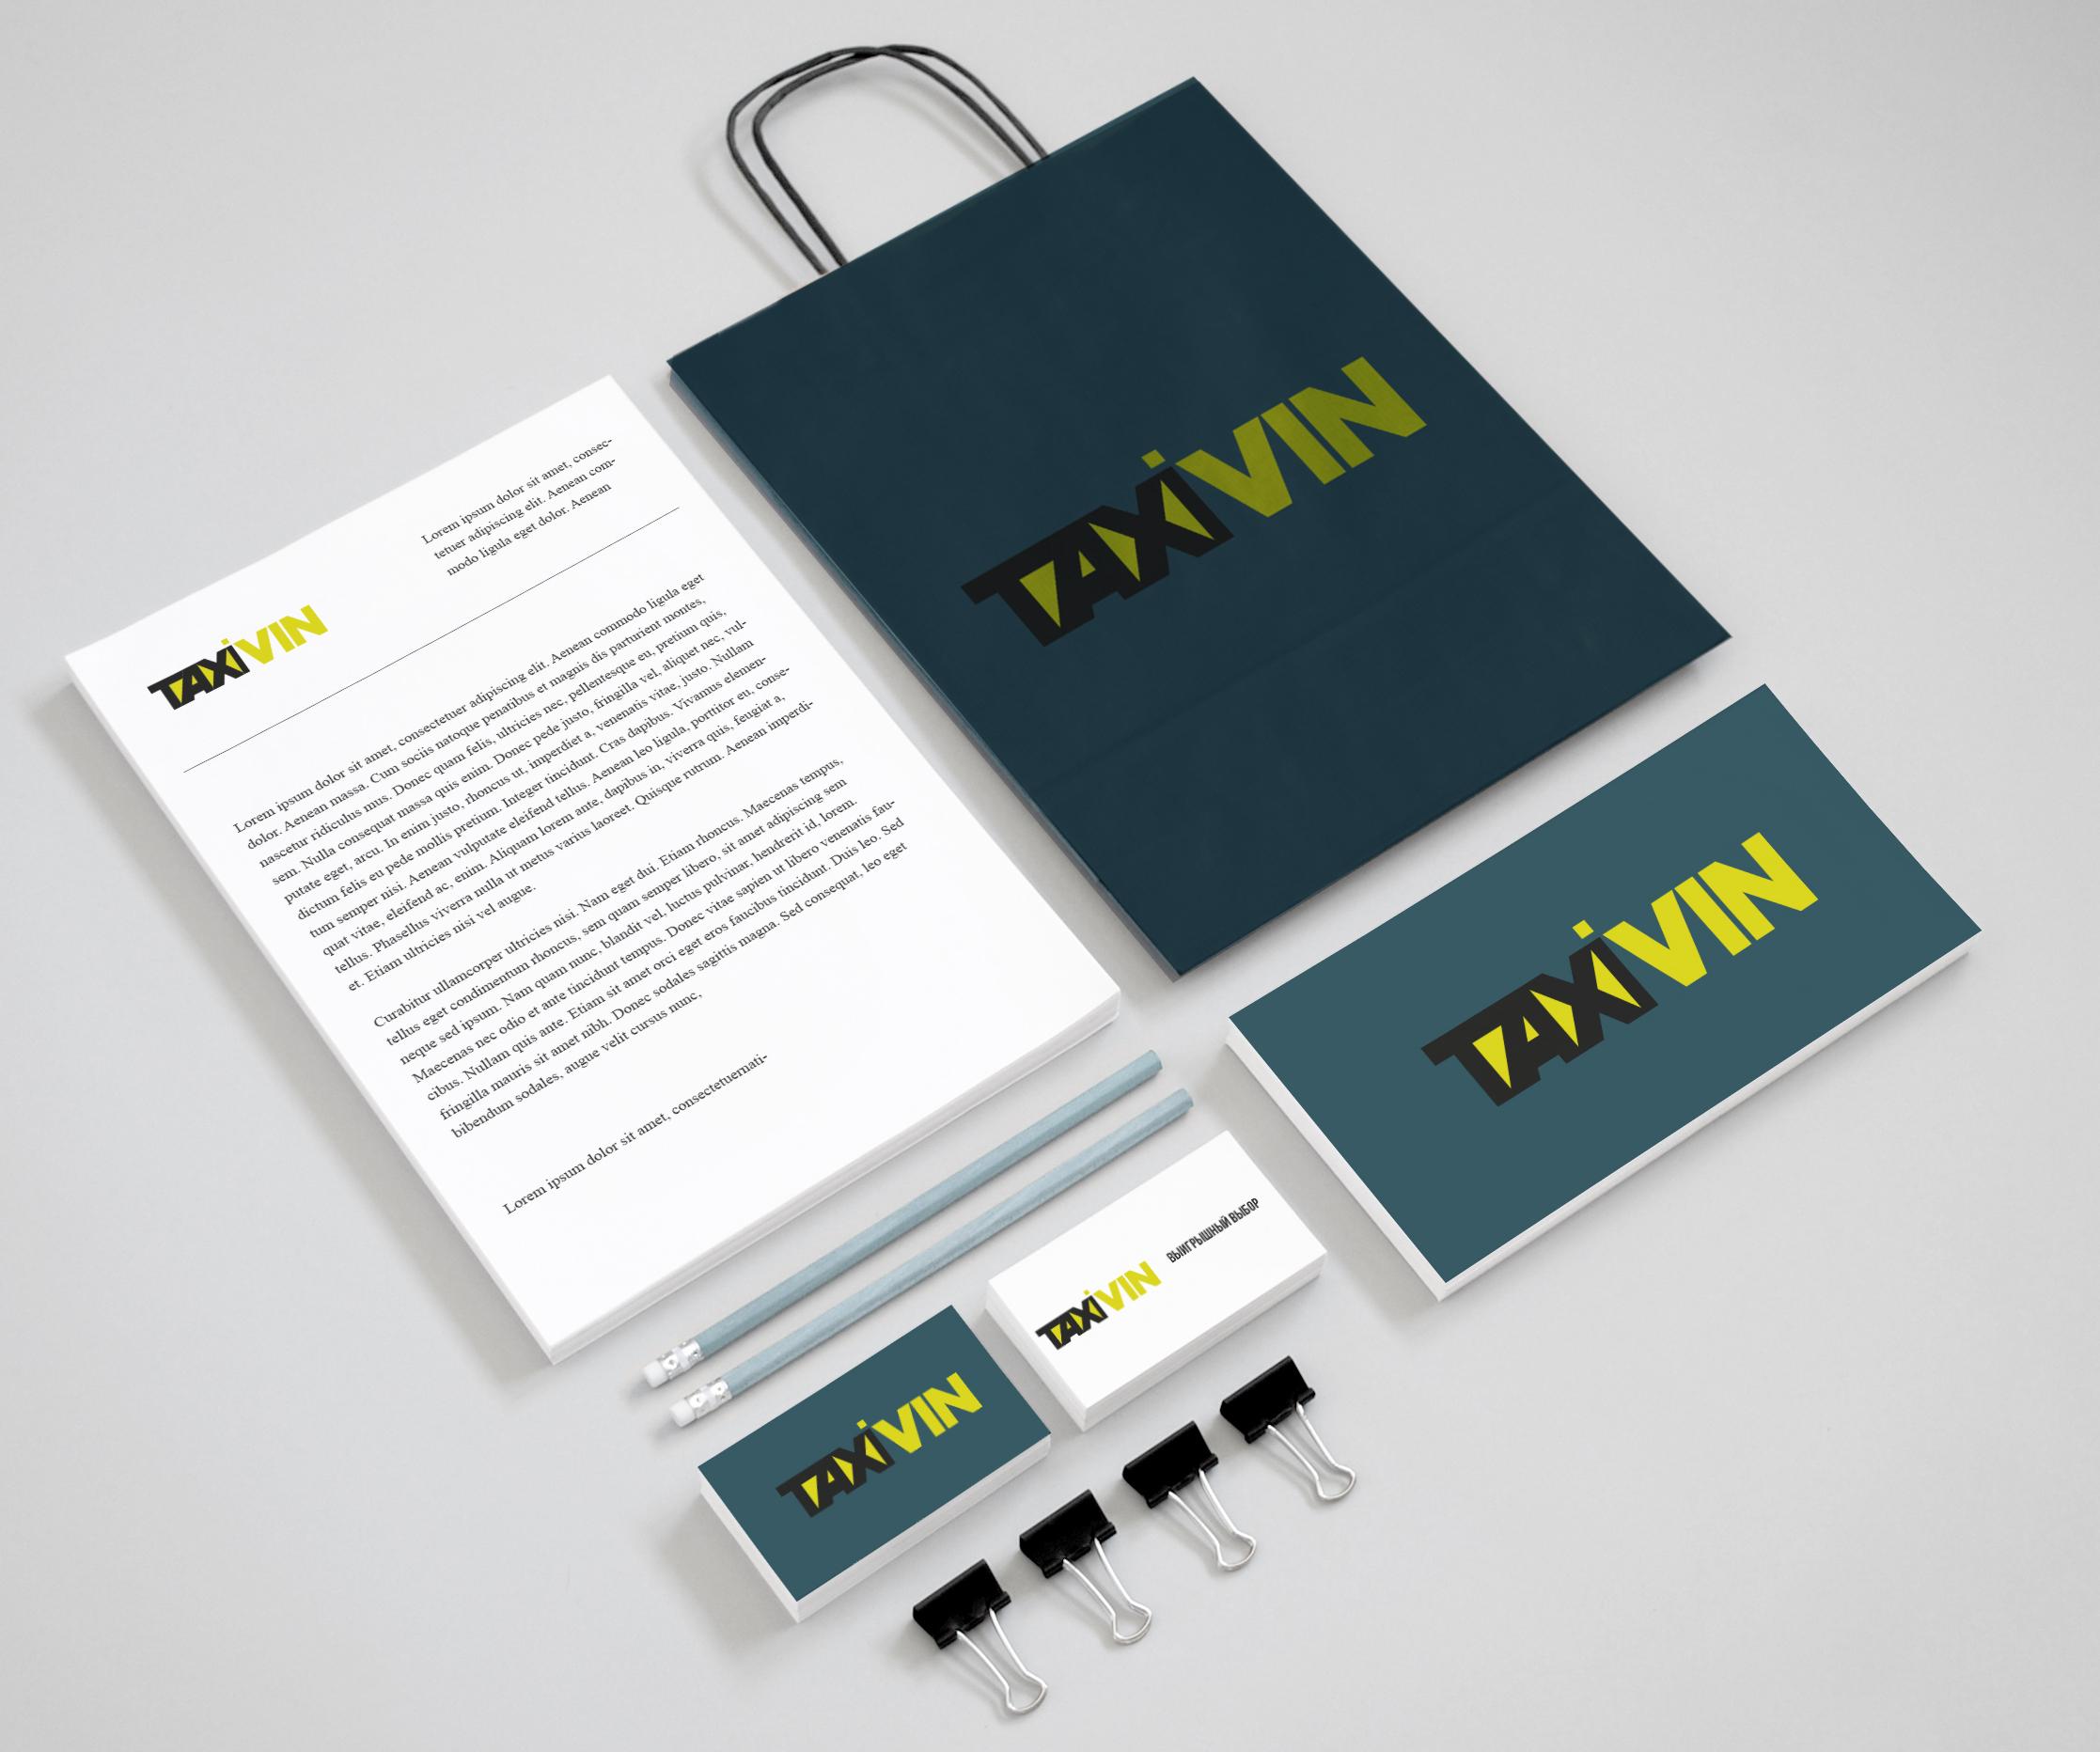 Разработка логотипа и фирменного стиля для такси фото f_8905b9cea368621e.jpg